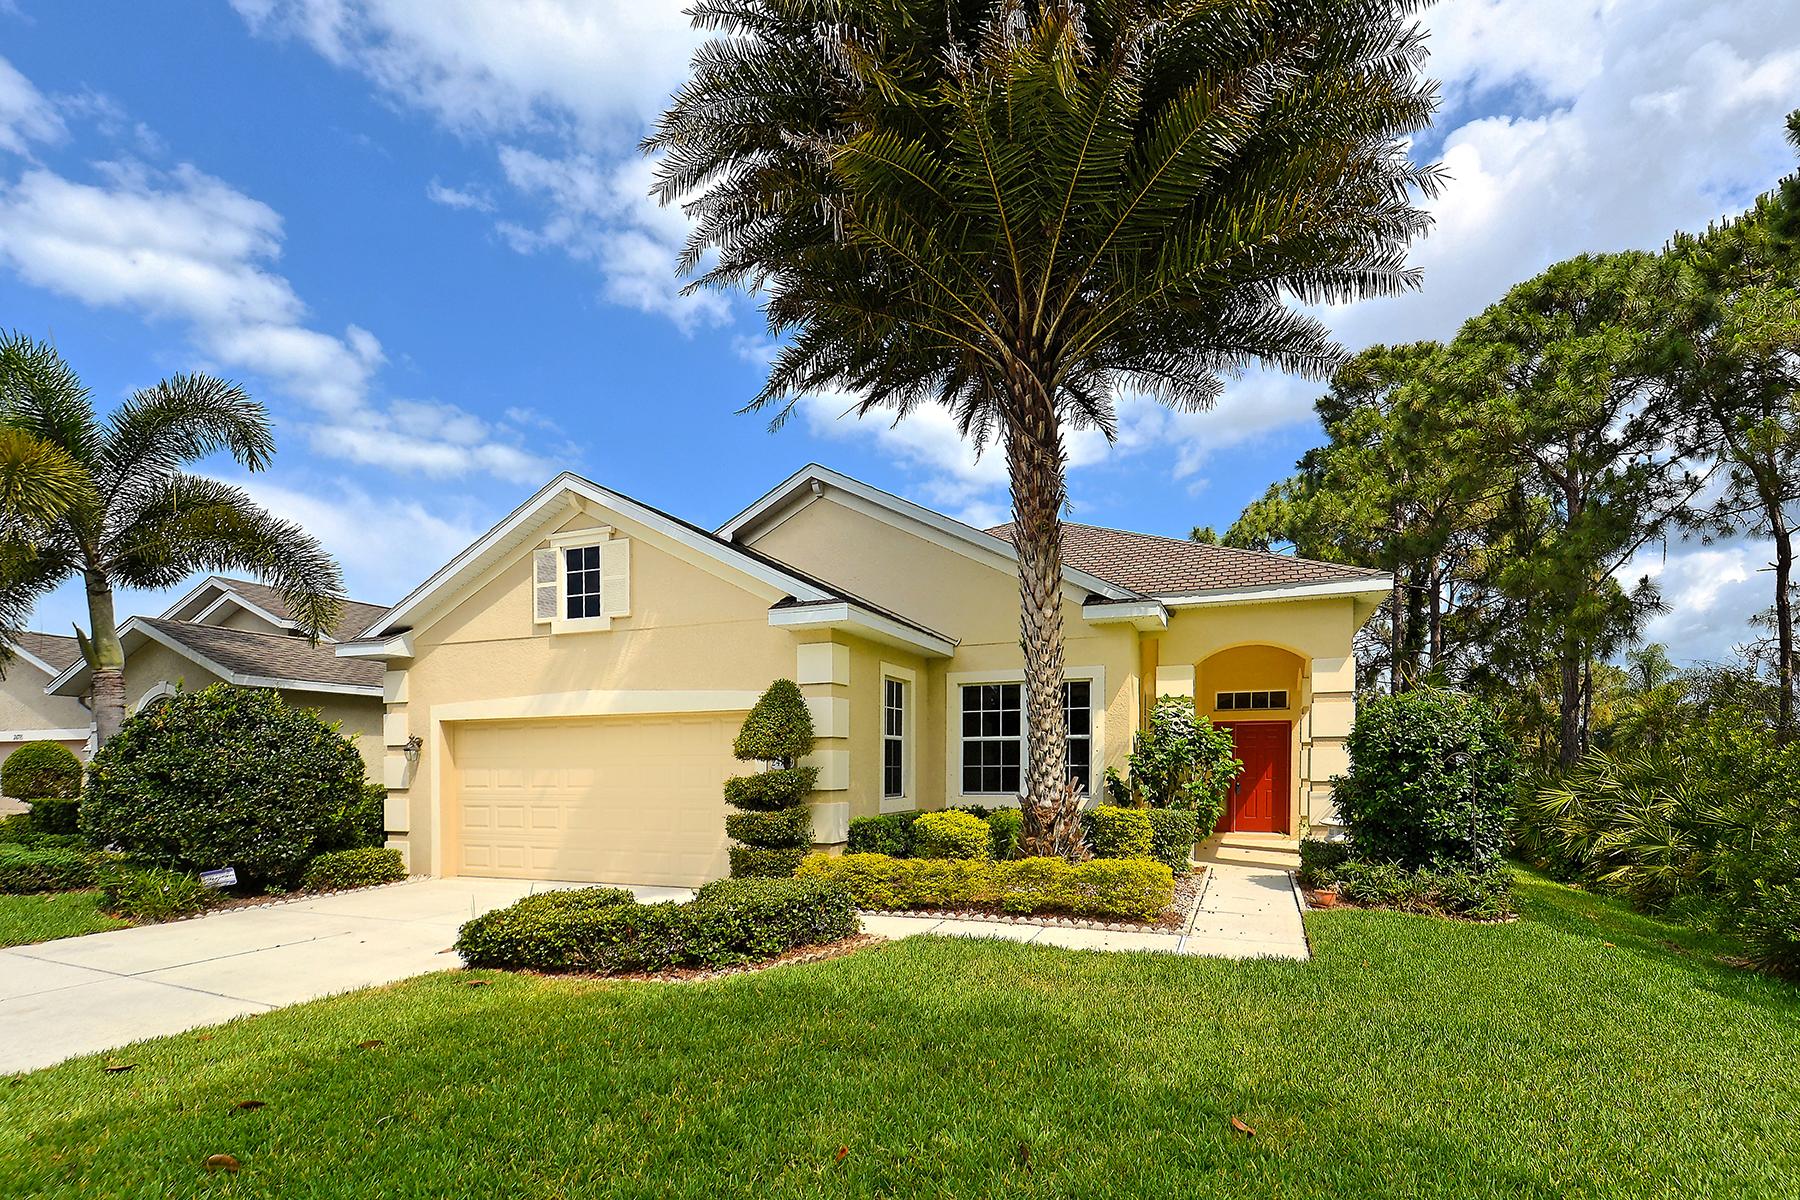 獨棟家庭住宅 為 出售 在 PENNINGTON PLACE 24789 Pennington Terr Venice, 佛羅里達州, 34293 美國